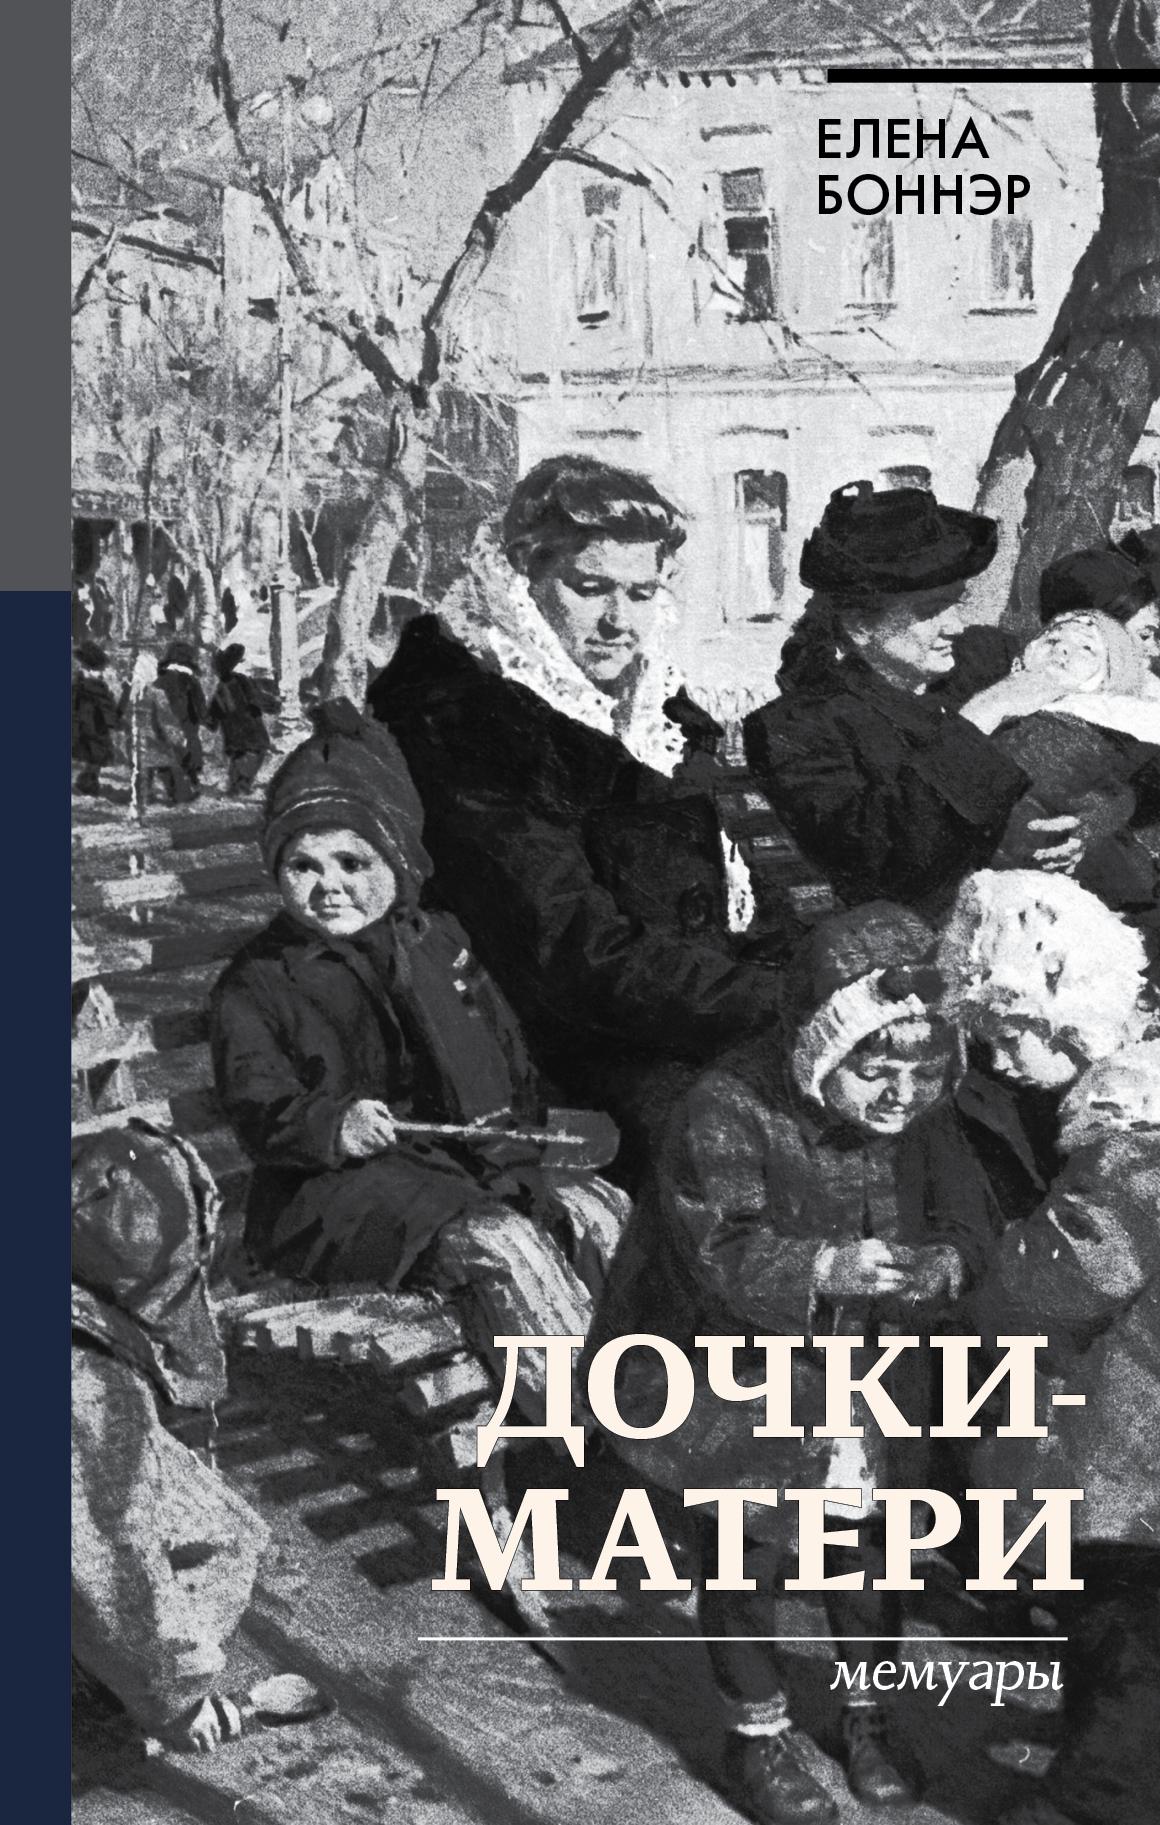 Обложка книги Дочки-матери. Мемуары, автор Елена Боннэр